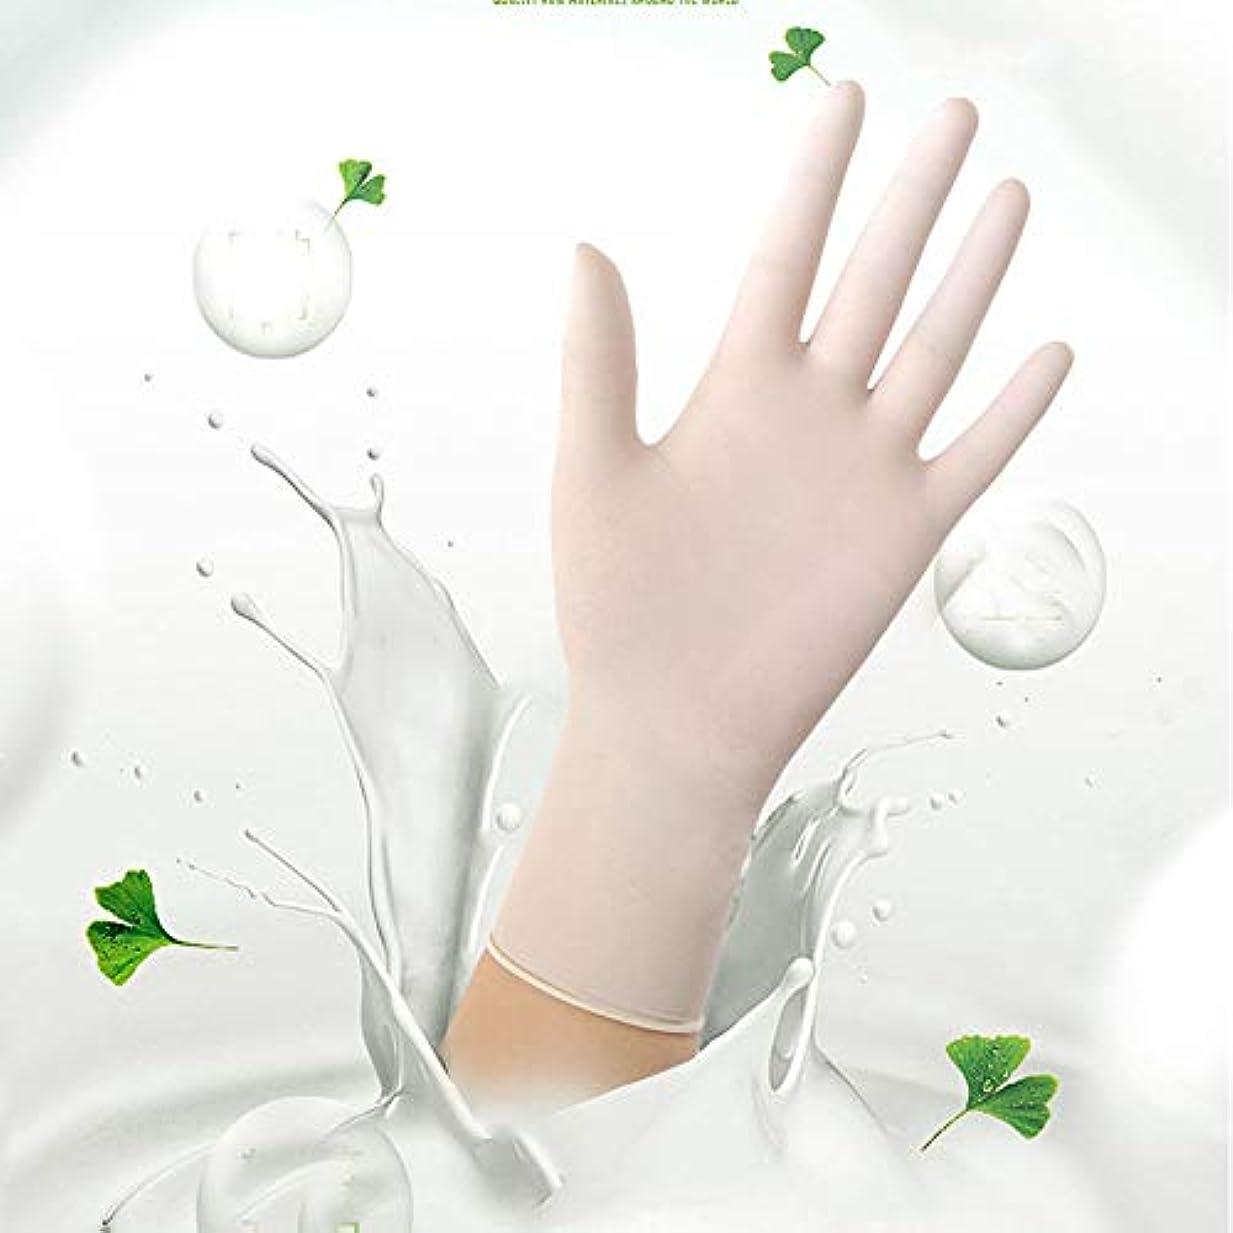 セットするコンプライアンス強風ニトリル検査用手袋 - 医療用グレード、パウダーフリー、ラテックスラバーフリー、使い捨て、非滅菌、食品安全、インディゴ色、100カウント、サイズS-L (Color : White, Size : S)